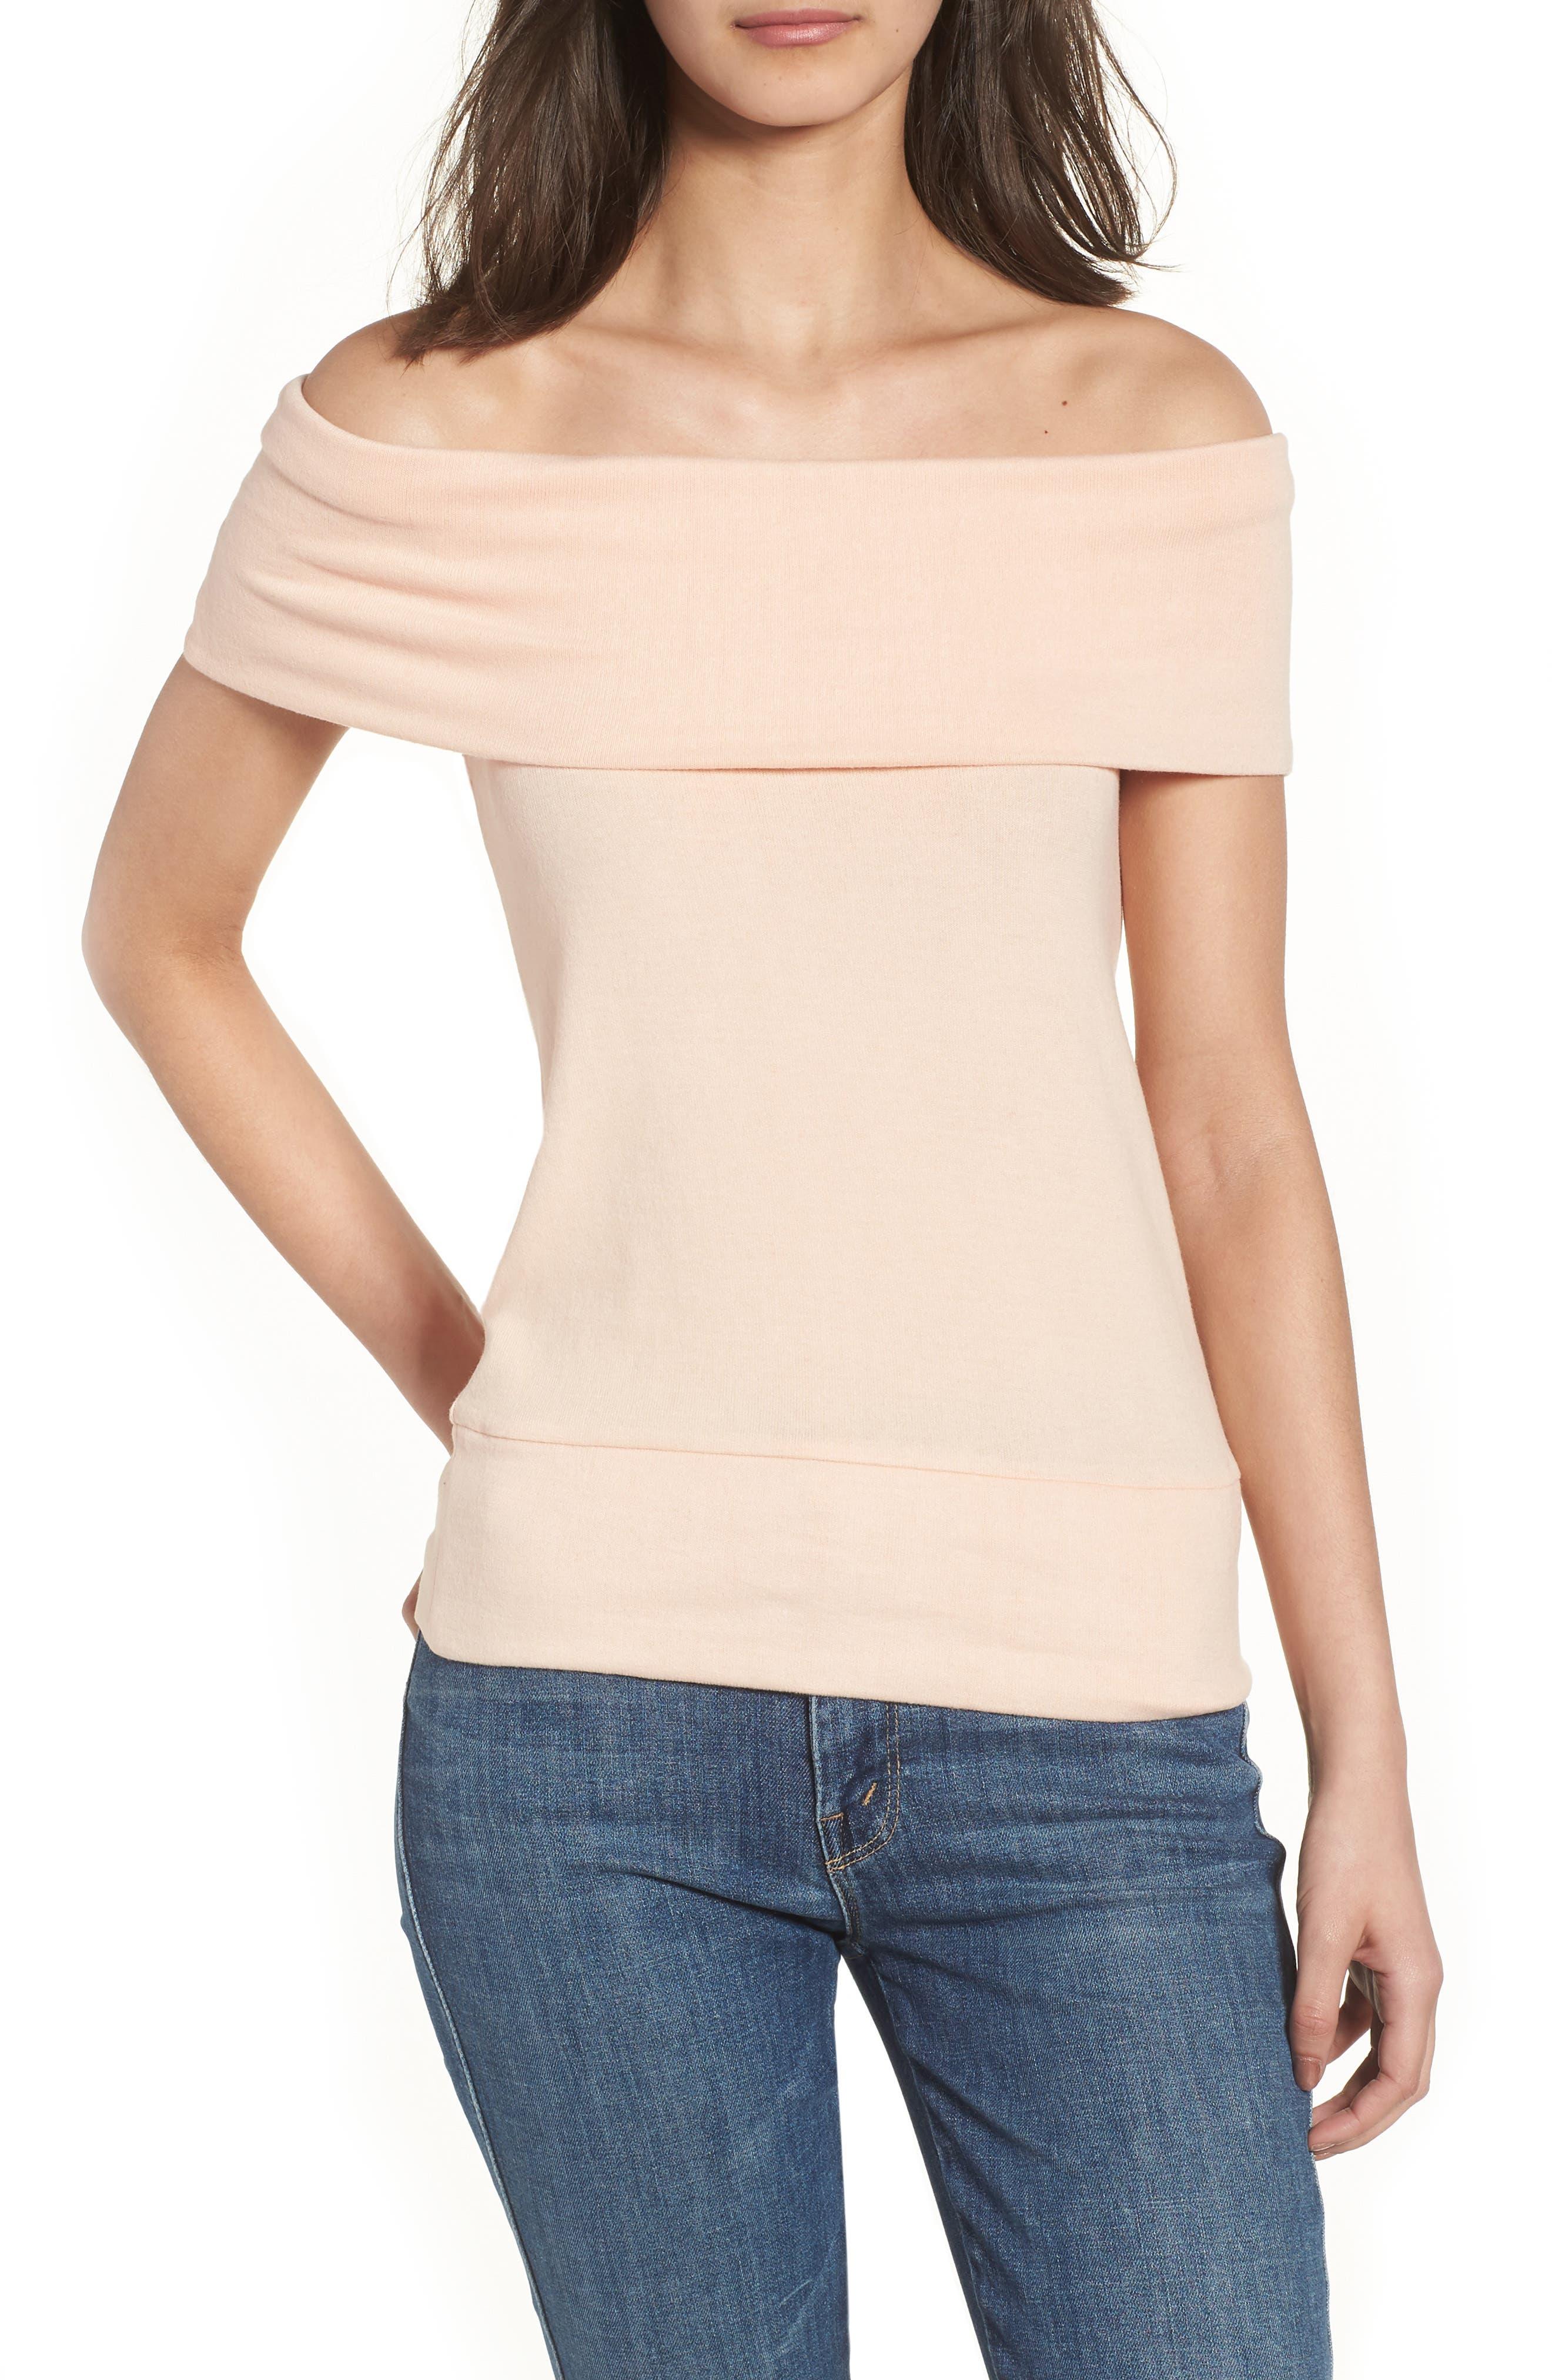 Cathie Off the Shoulder Top,                         Main,                         color, Peach Parfait